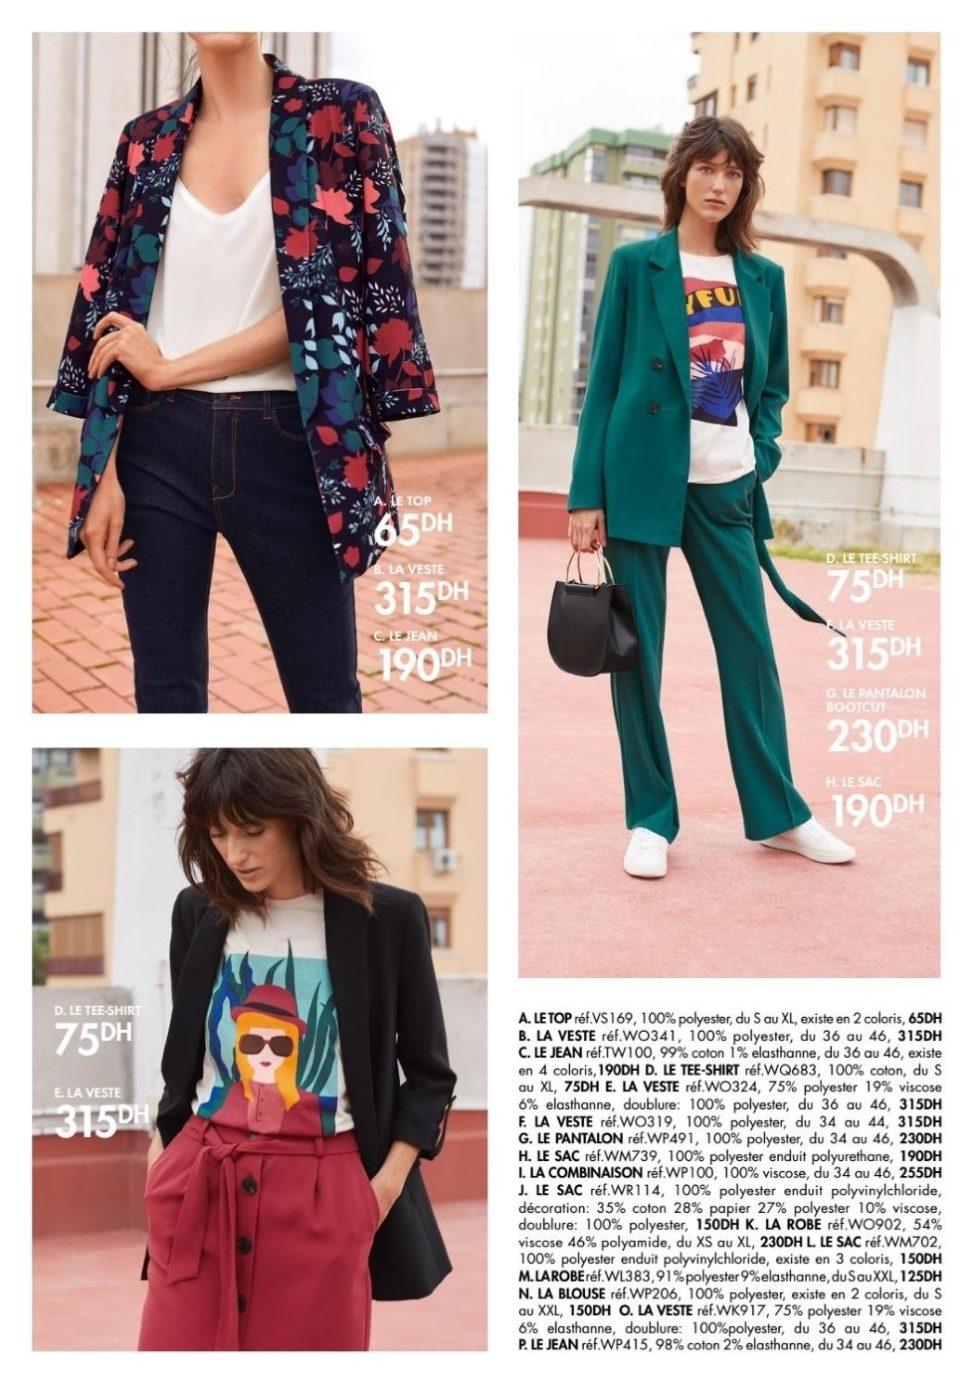 Catalogue Kiabi Maroc Nouvelle Collection du 3 au 16 Avril 2019